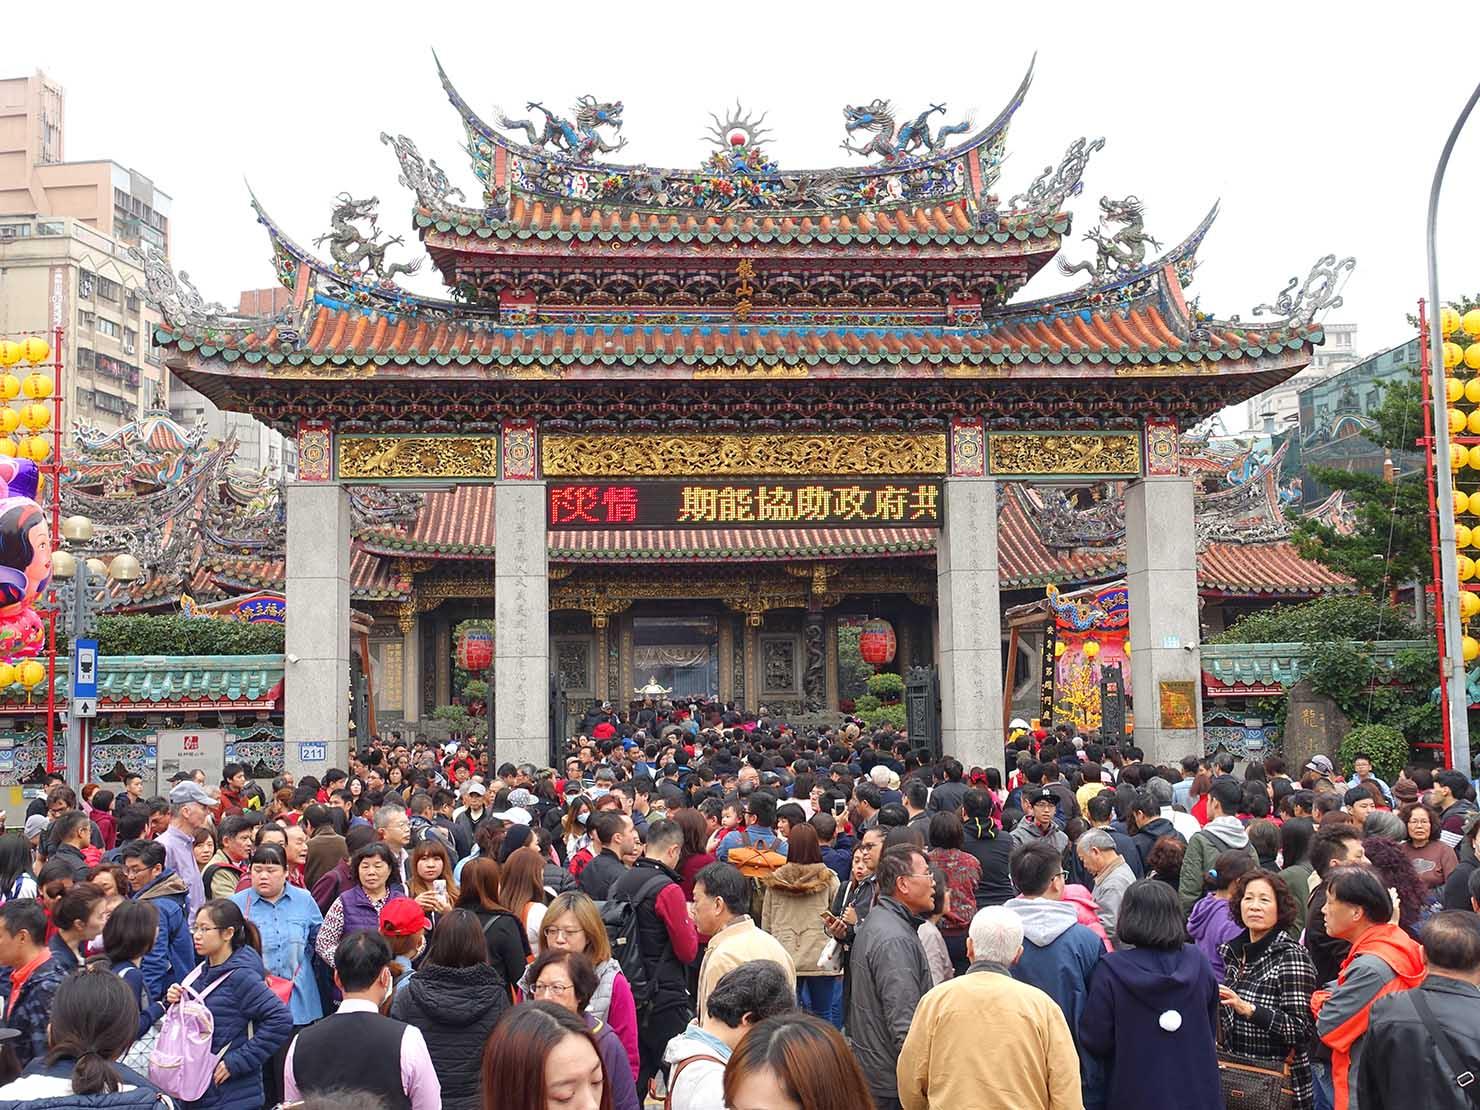 春節(旧正月)を迎えたの台北の観光スポット「龍山寺」